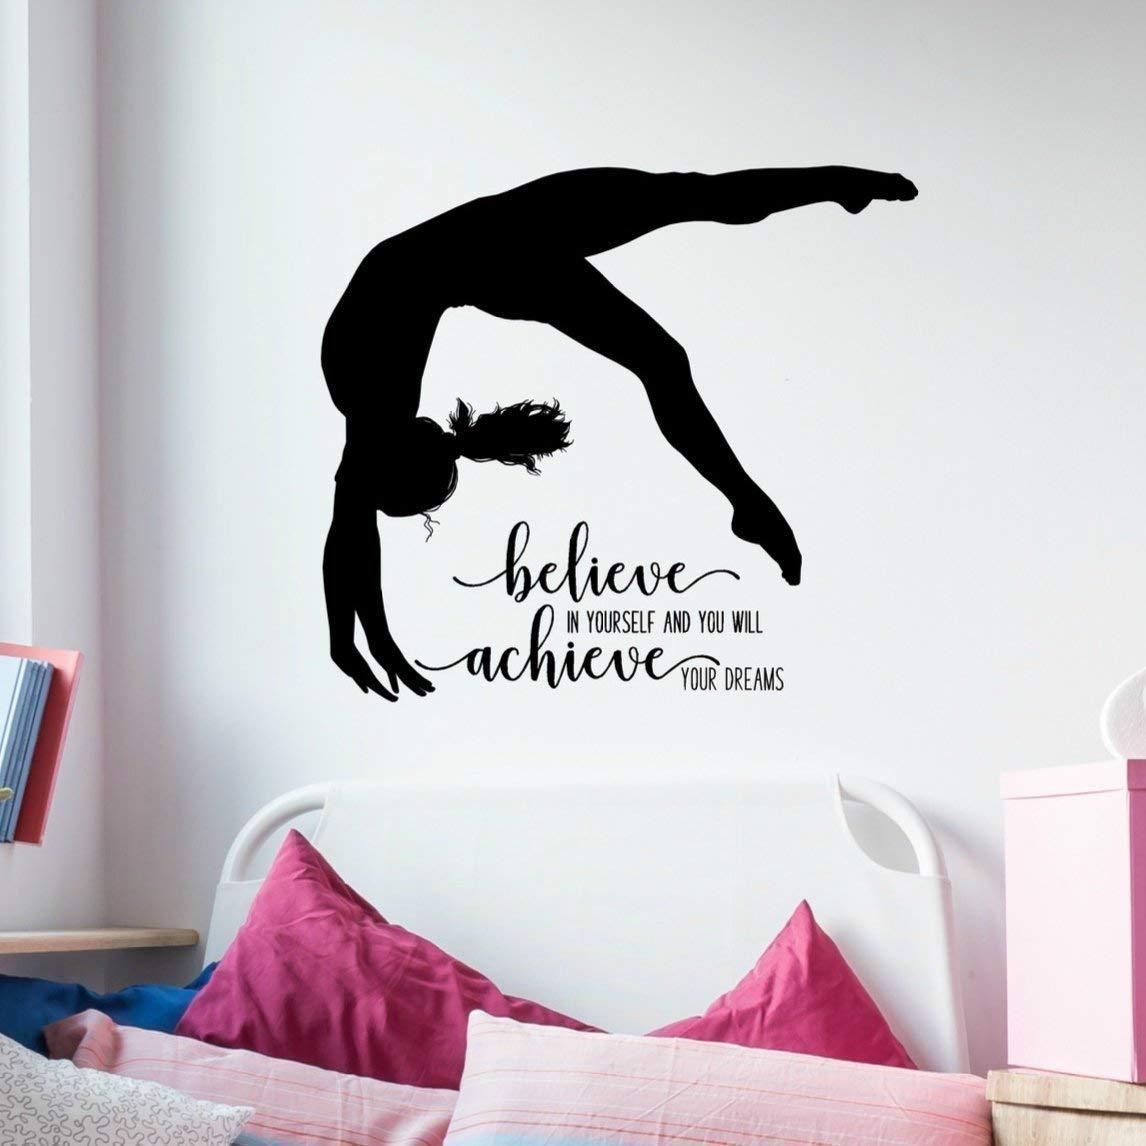 Gymnastics Quote Wall Decal, Dance Studio Decor, Gymnast Vinyl Sticker, 36''X32'' Black, Gymnast Gift by Vinyl Written